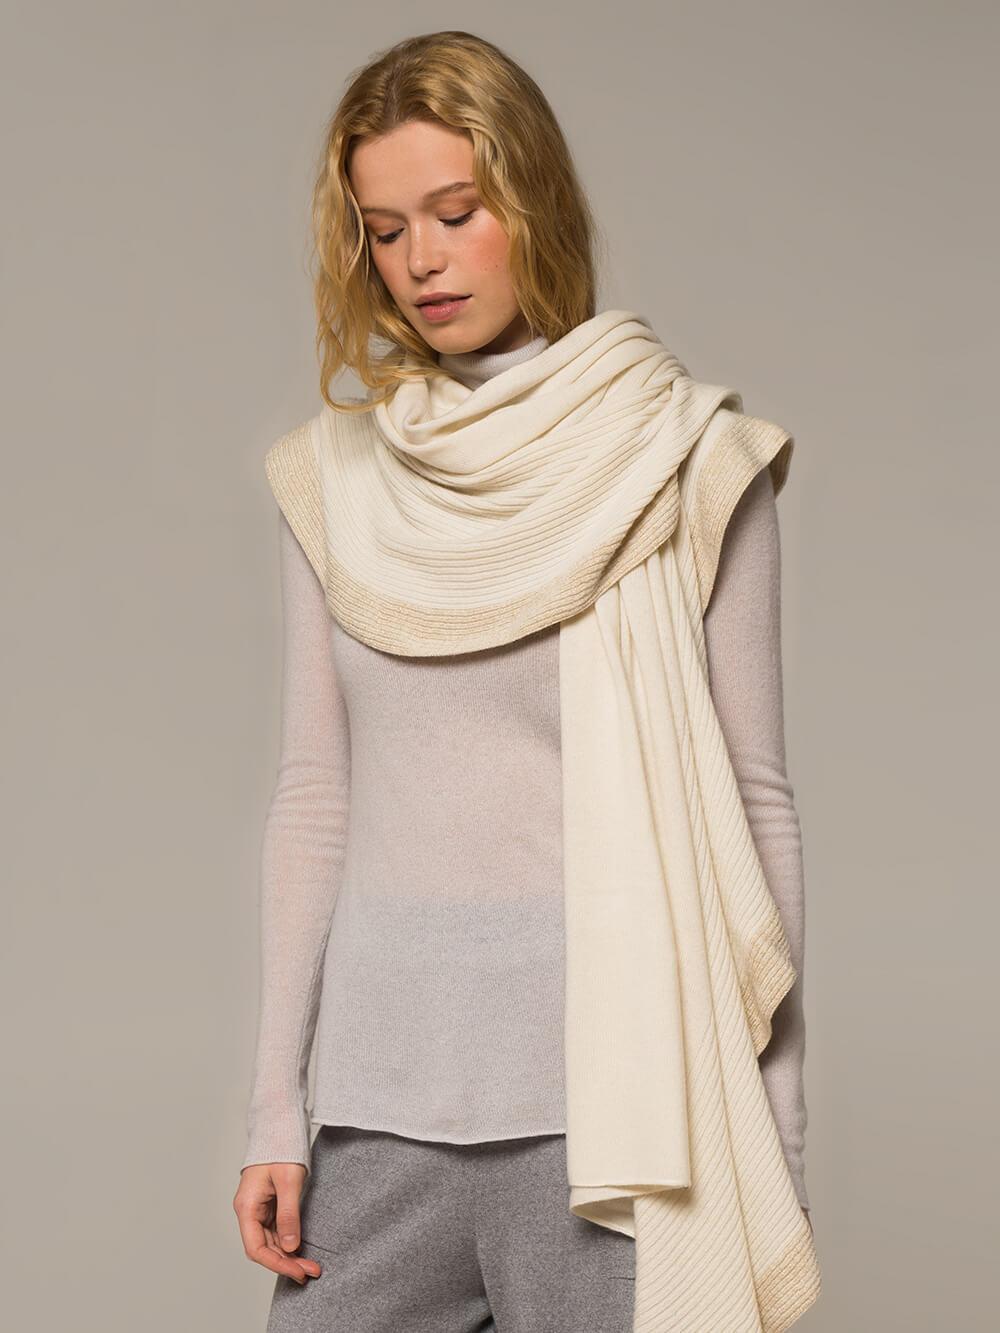 Женский шарф молочного цвета из шерсти и кашемира - фото 1